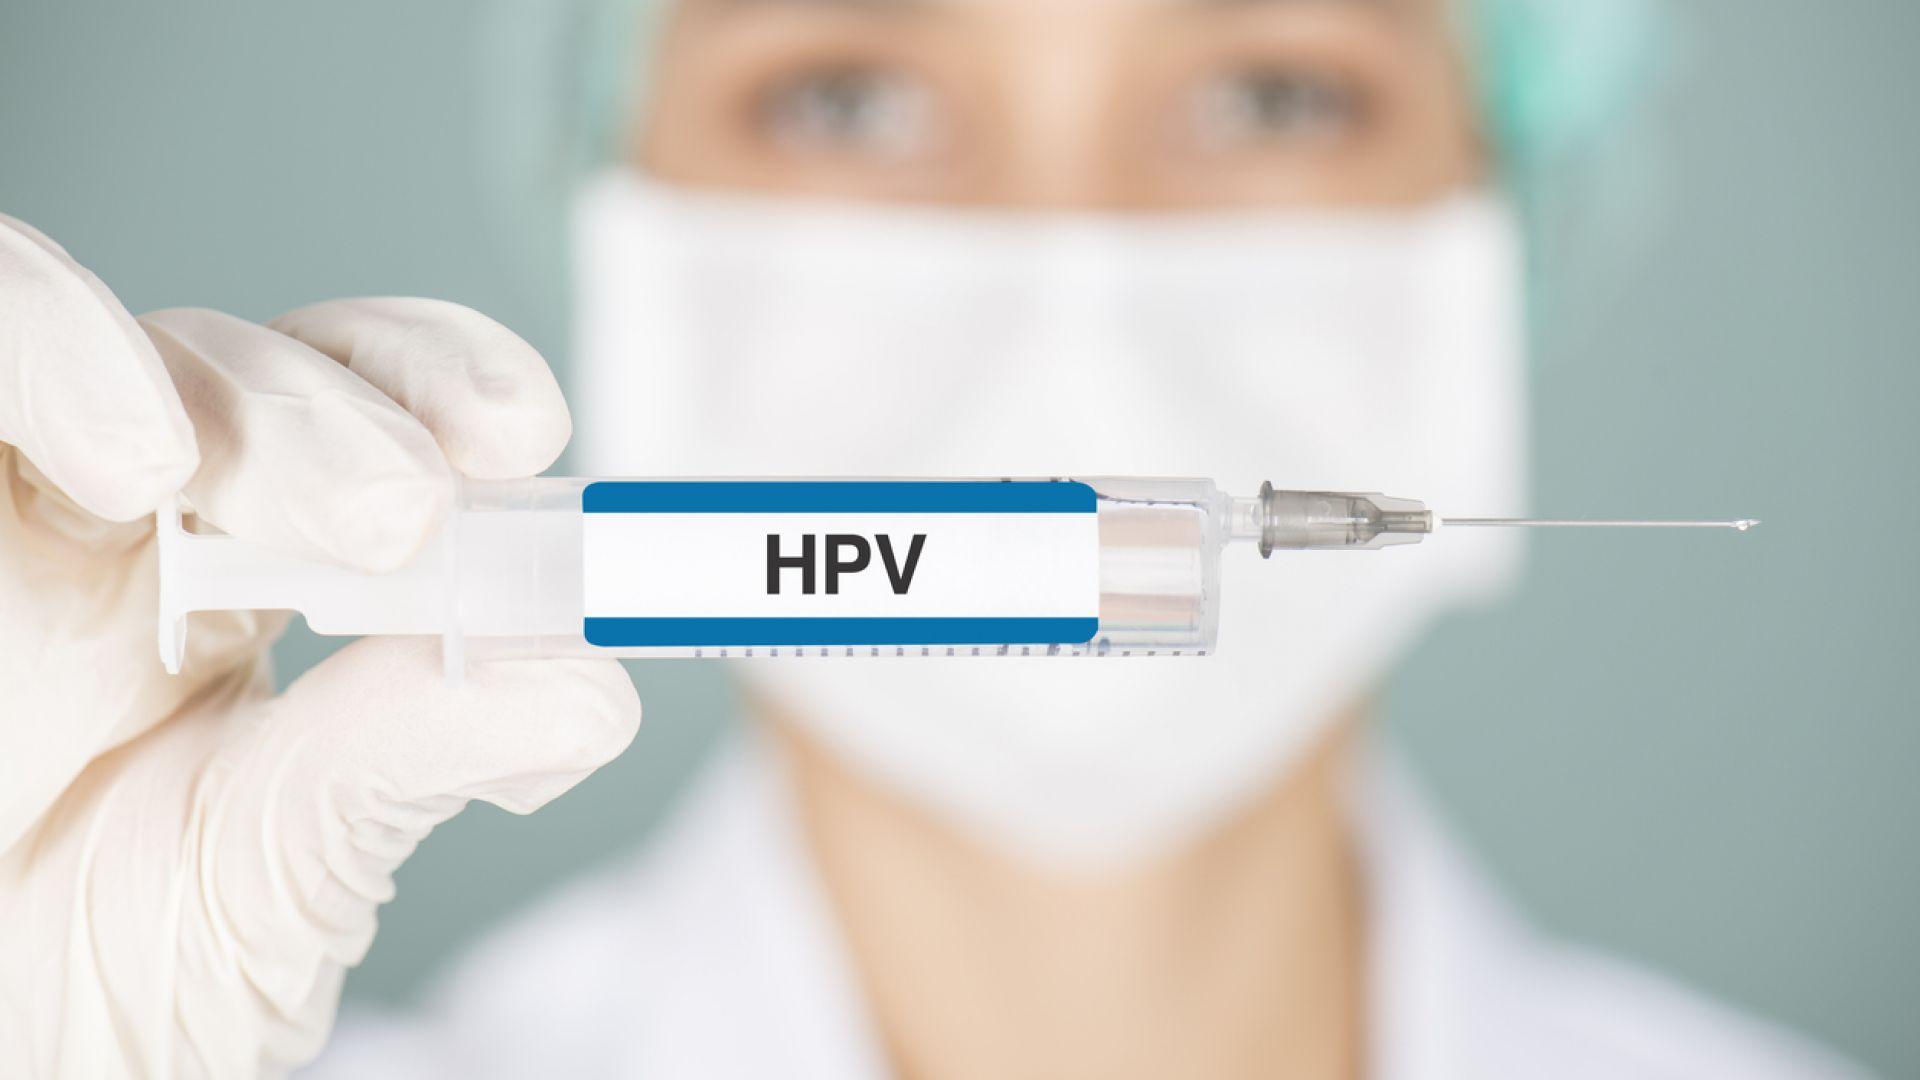 HPV ваксината – кога и на кого трябва да бъде поставена?